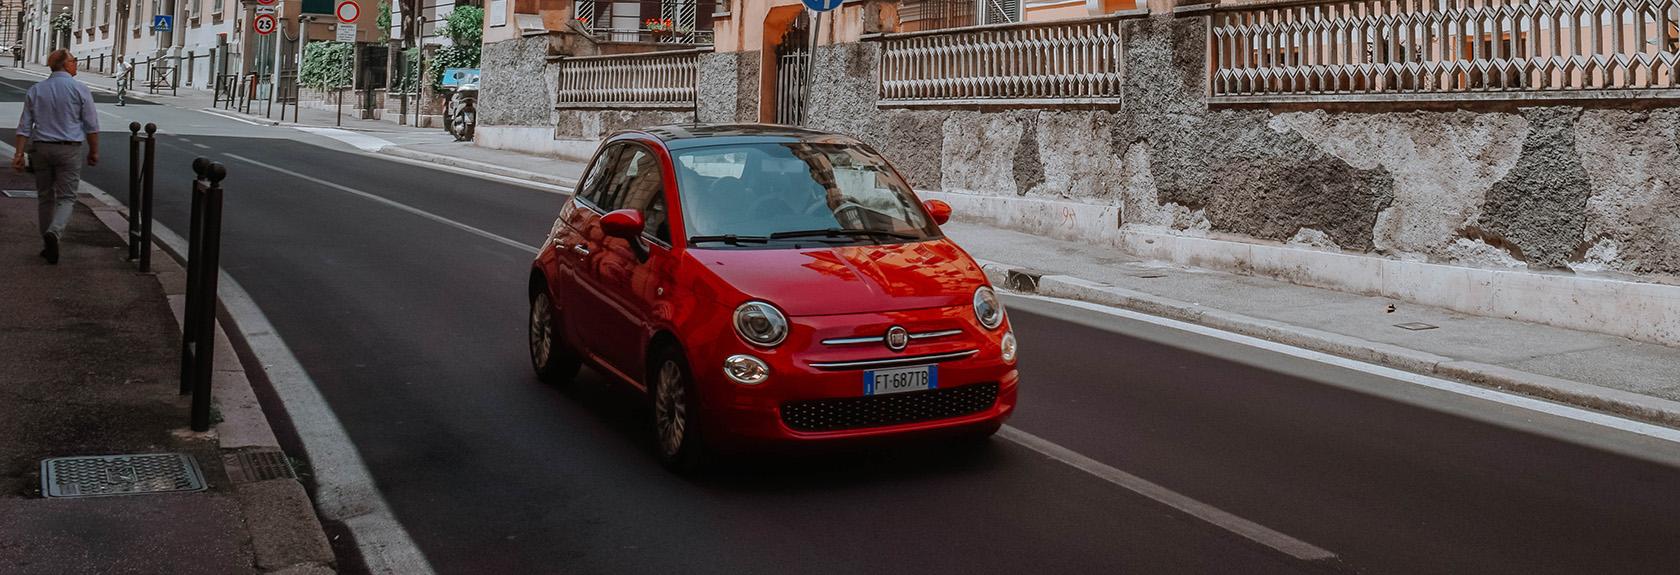 Auto huren in Rome